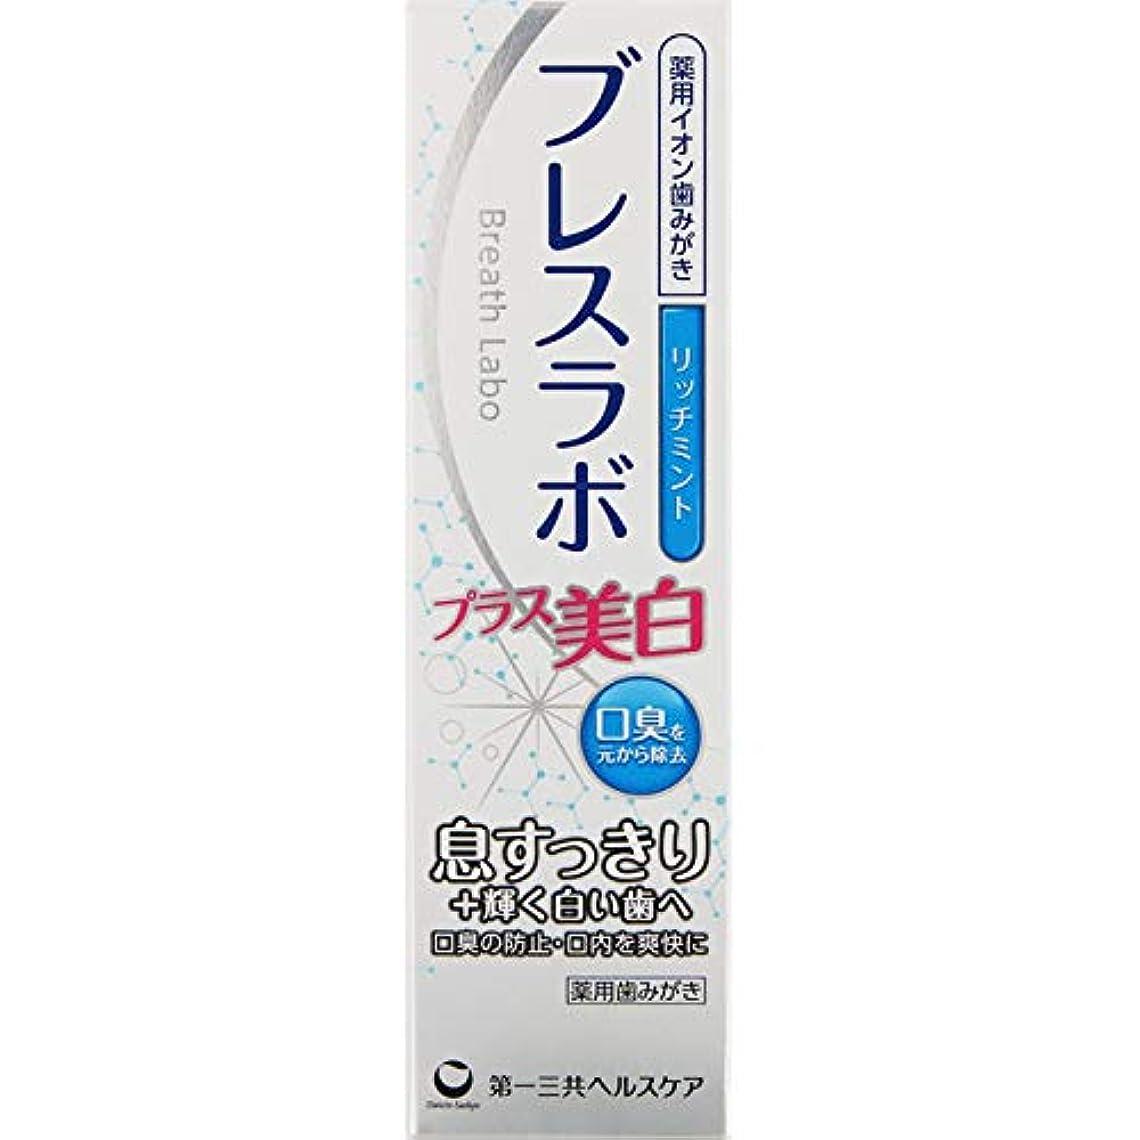 ラッカスクアッガ偏見【4個セット】ブレスラボ プラス美白 リッチミント 90g